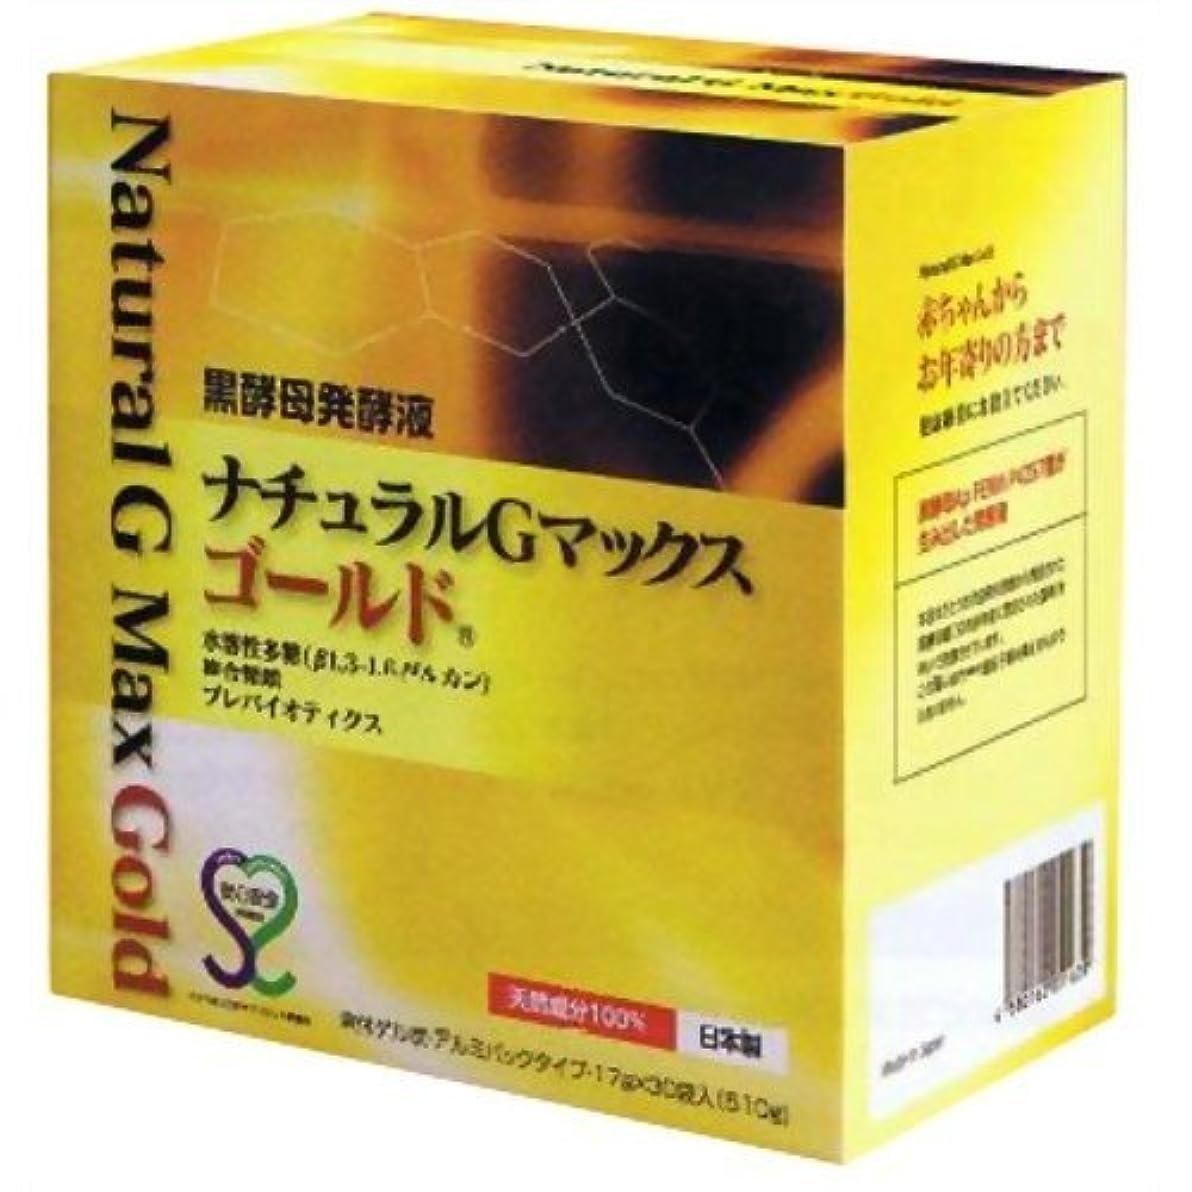 ひどく大工姿を消す黒酵母発酵液 ナチュラルGマックスゴールド 17g×30袋